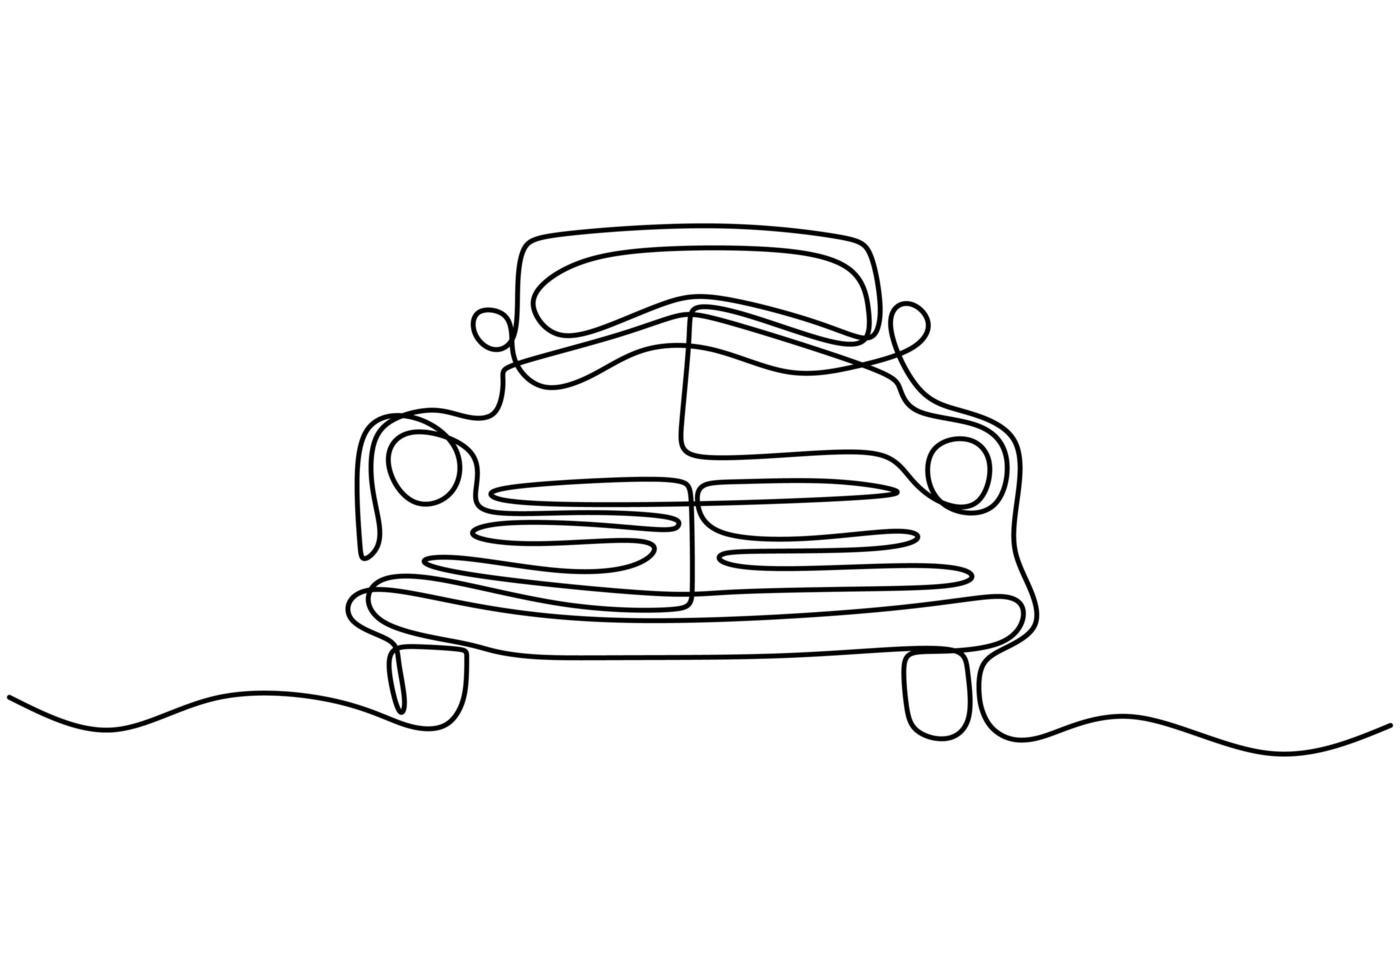 um único desenho de linha do velho carro retro vintage auto. conceito clássico de veículo de transporte. carro de corrida vintage dirigindo na estrada poeirenta. ilustração de desenho de desenho de linha contínua vetor